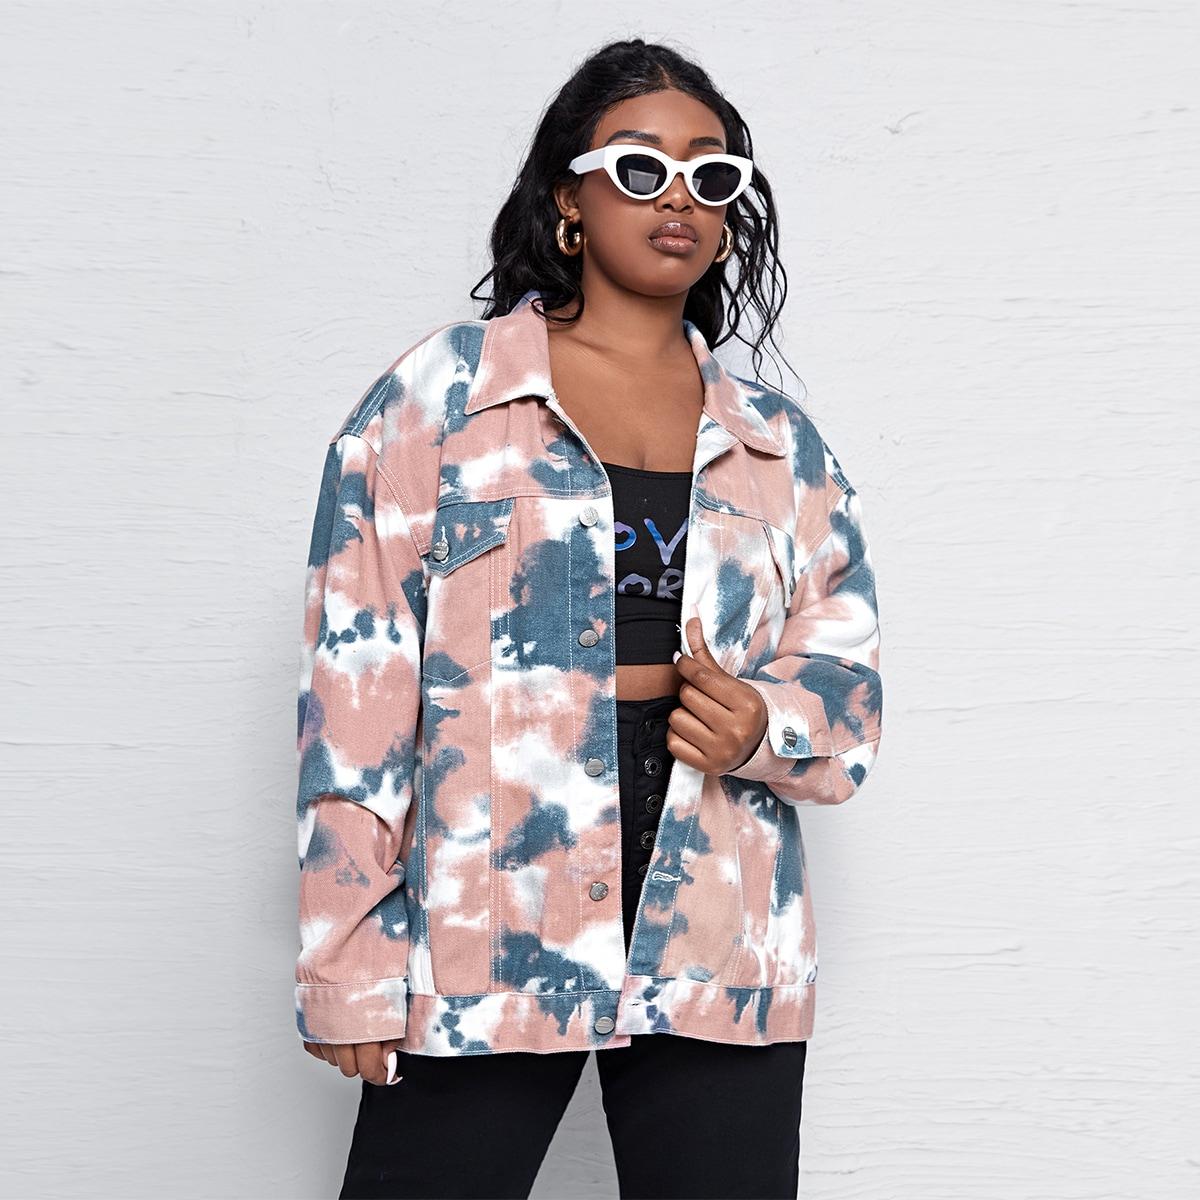 Джинсовая куртка оверсайз с принтом тай дай размера плюс